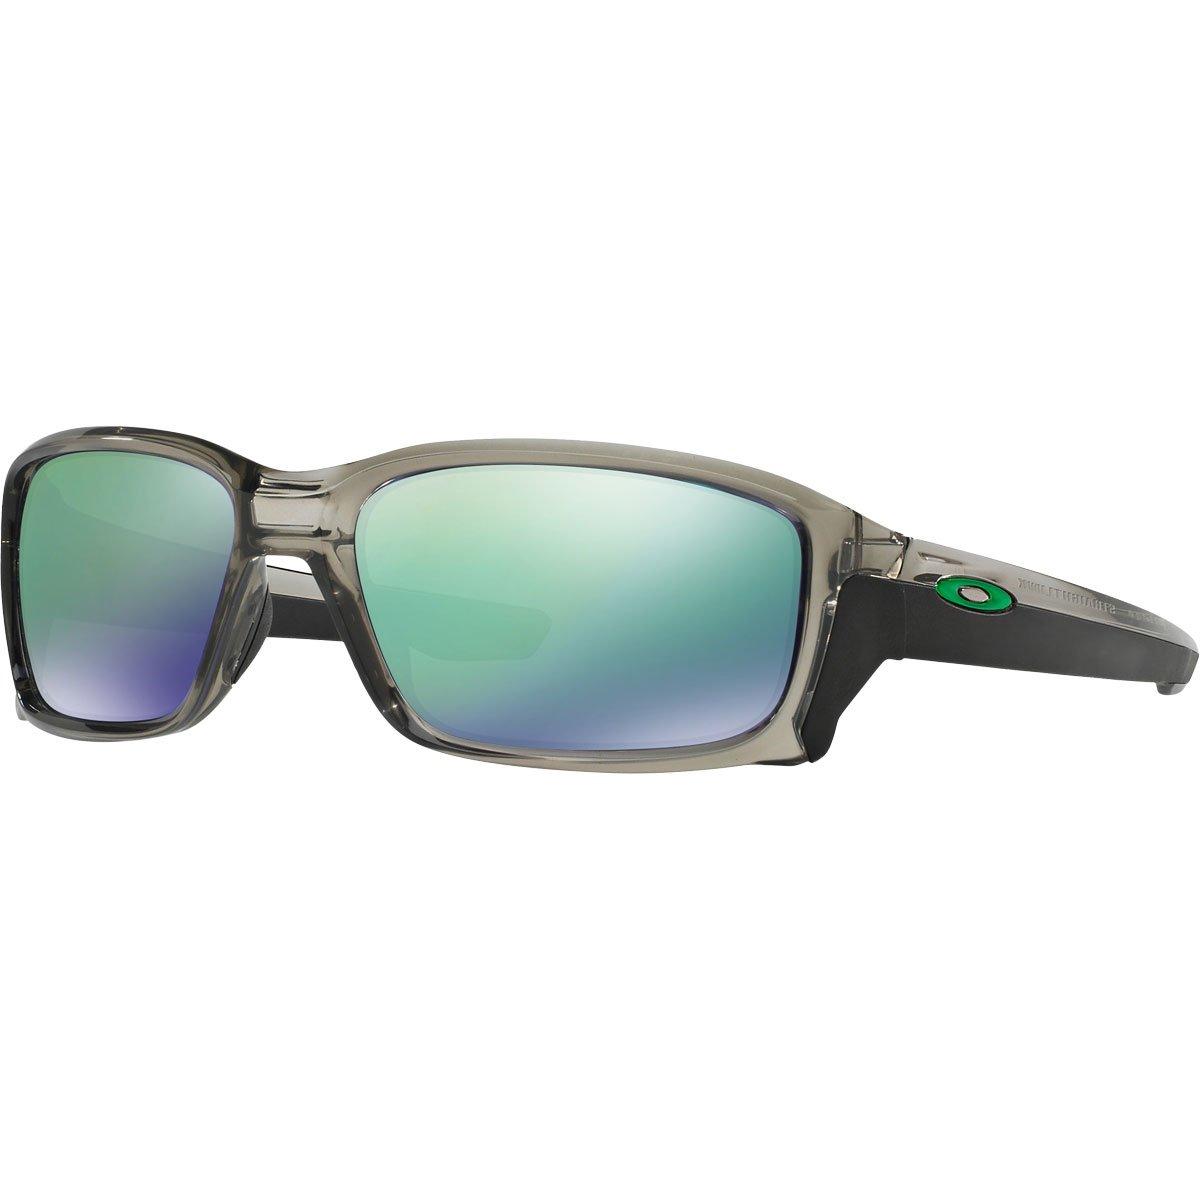 TALLA 58. Oakley gafas de sol straightlink